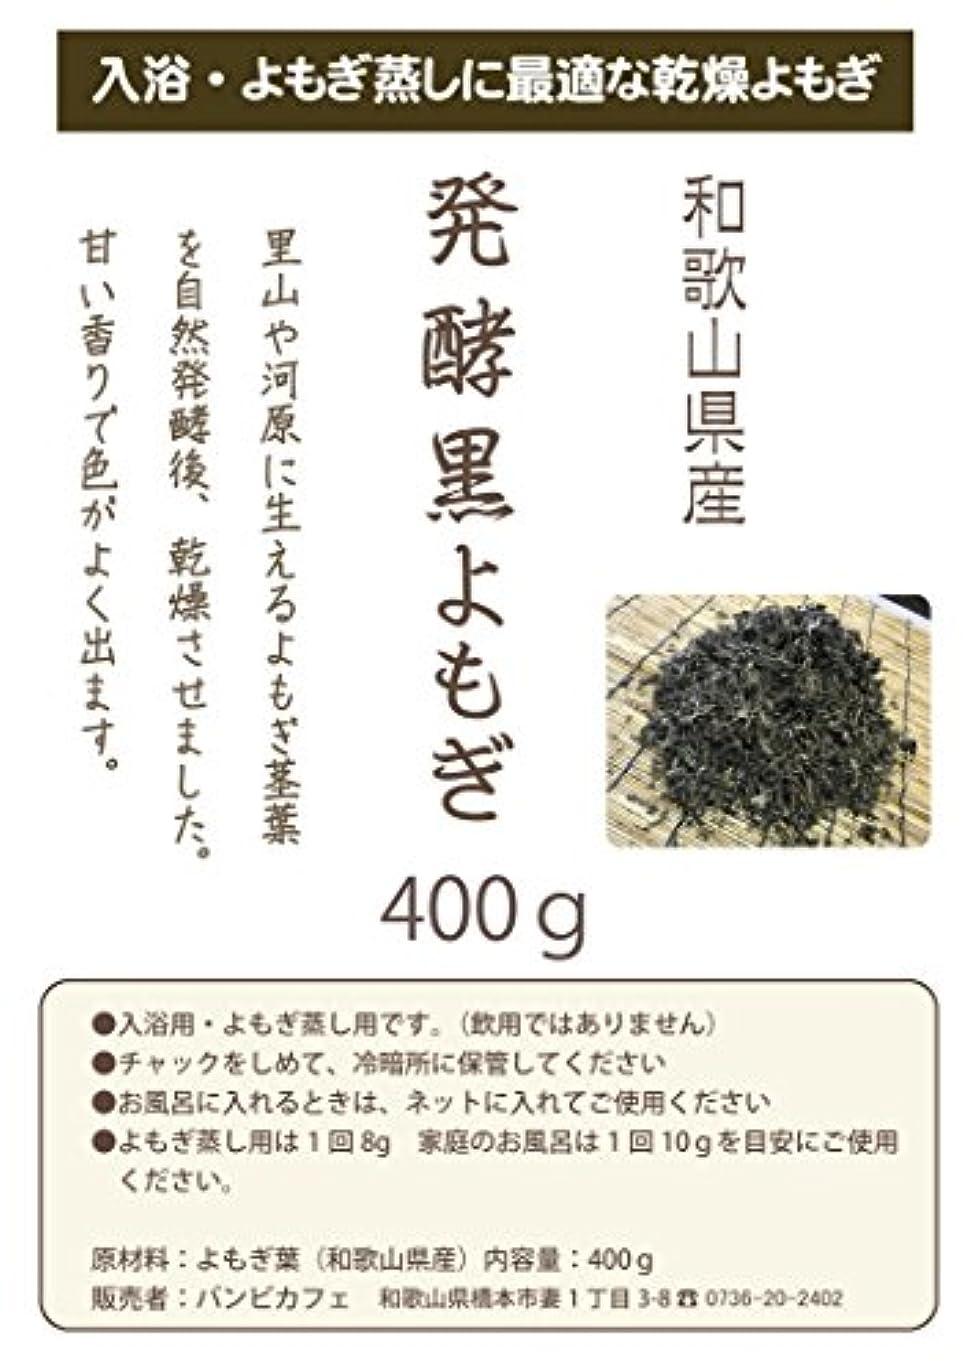 識字純正モスク発酵黒よもぎ 400g 乾燥 和歌山県産 入浴用に特化発酵 黒 よもぎ